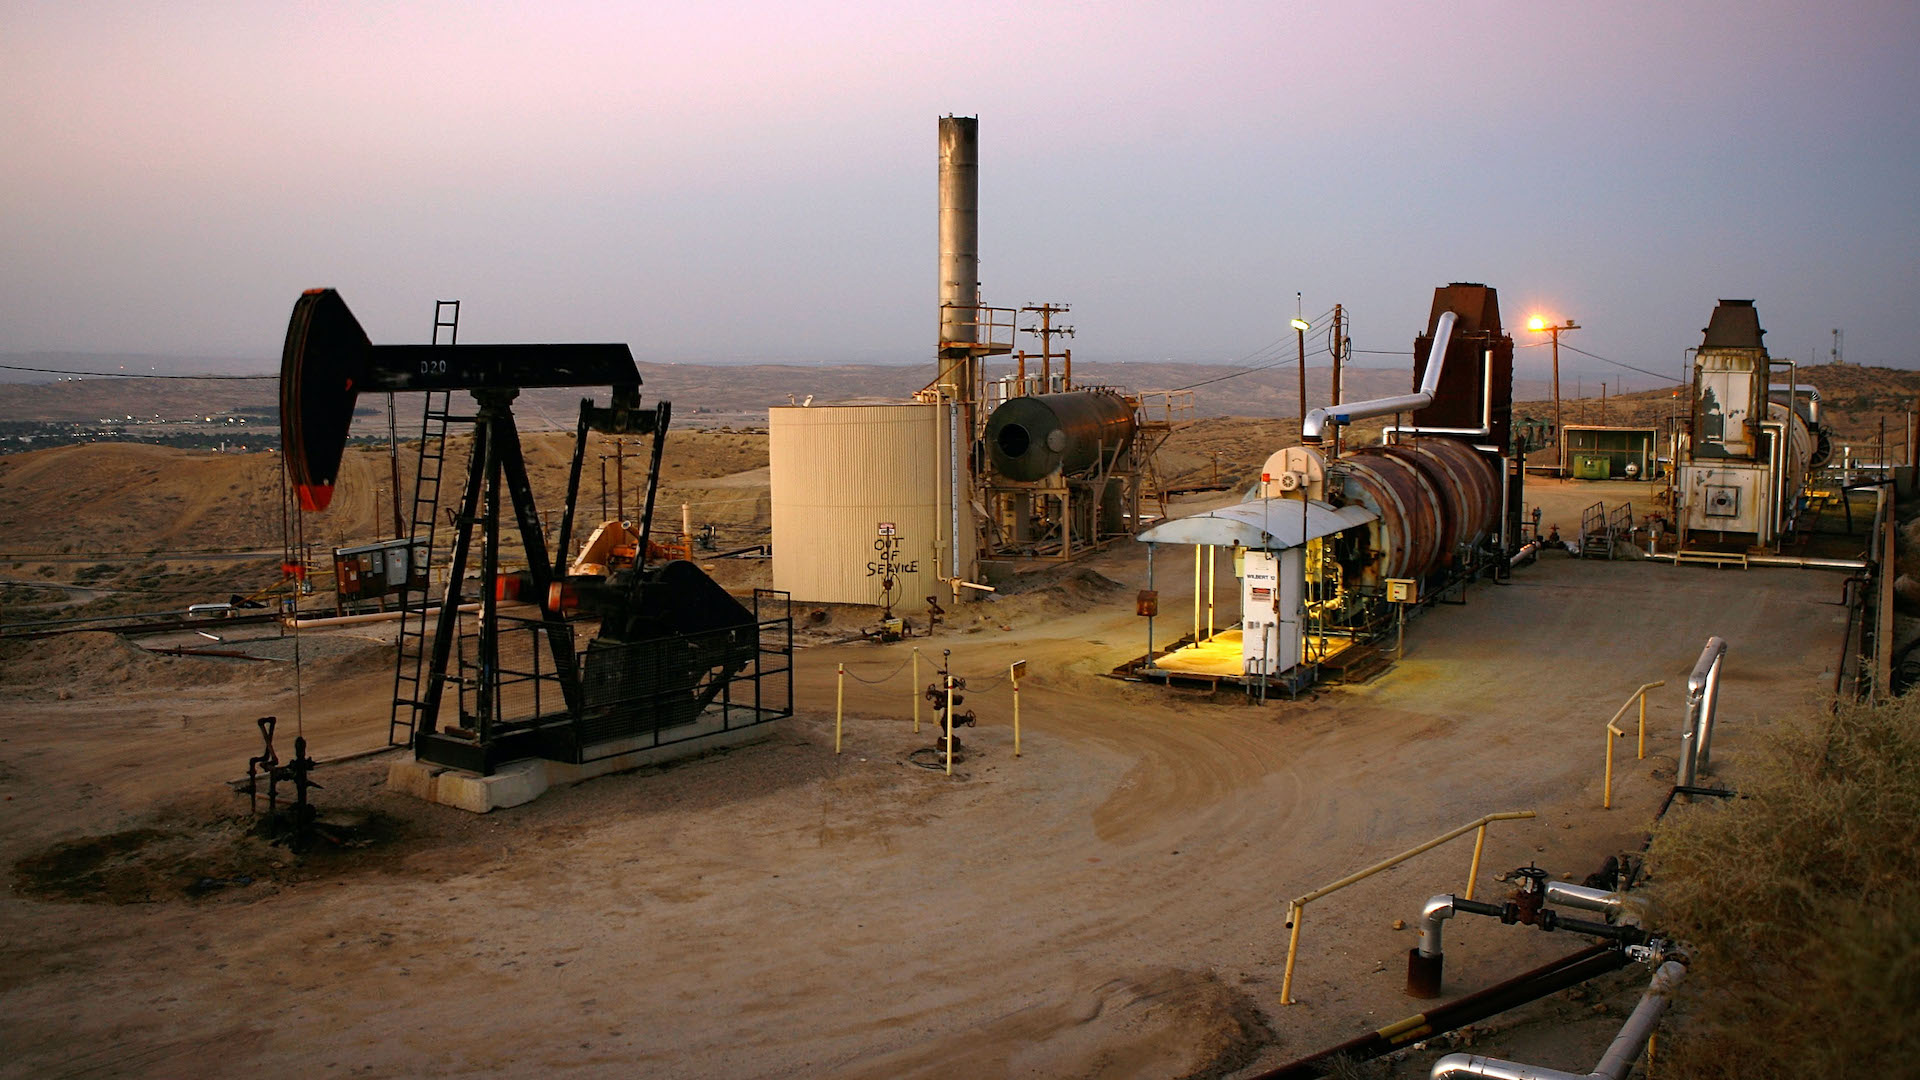 Nel 2020 sono aumentate le emissioni di metano dai siti petroliferi